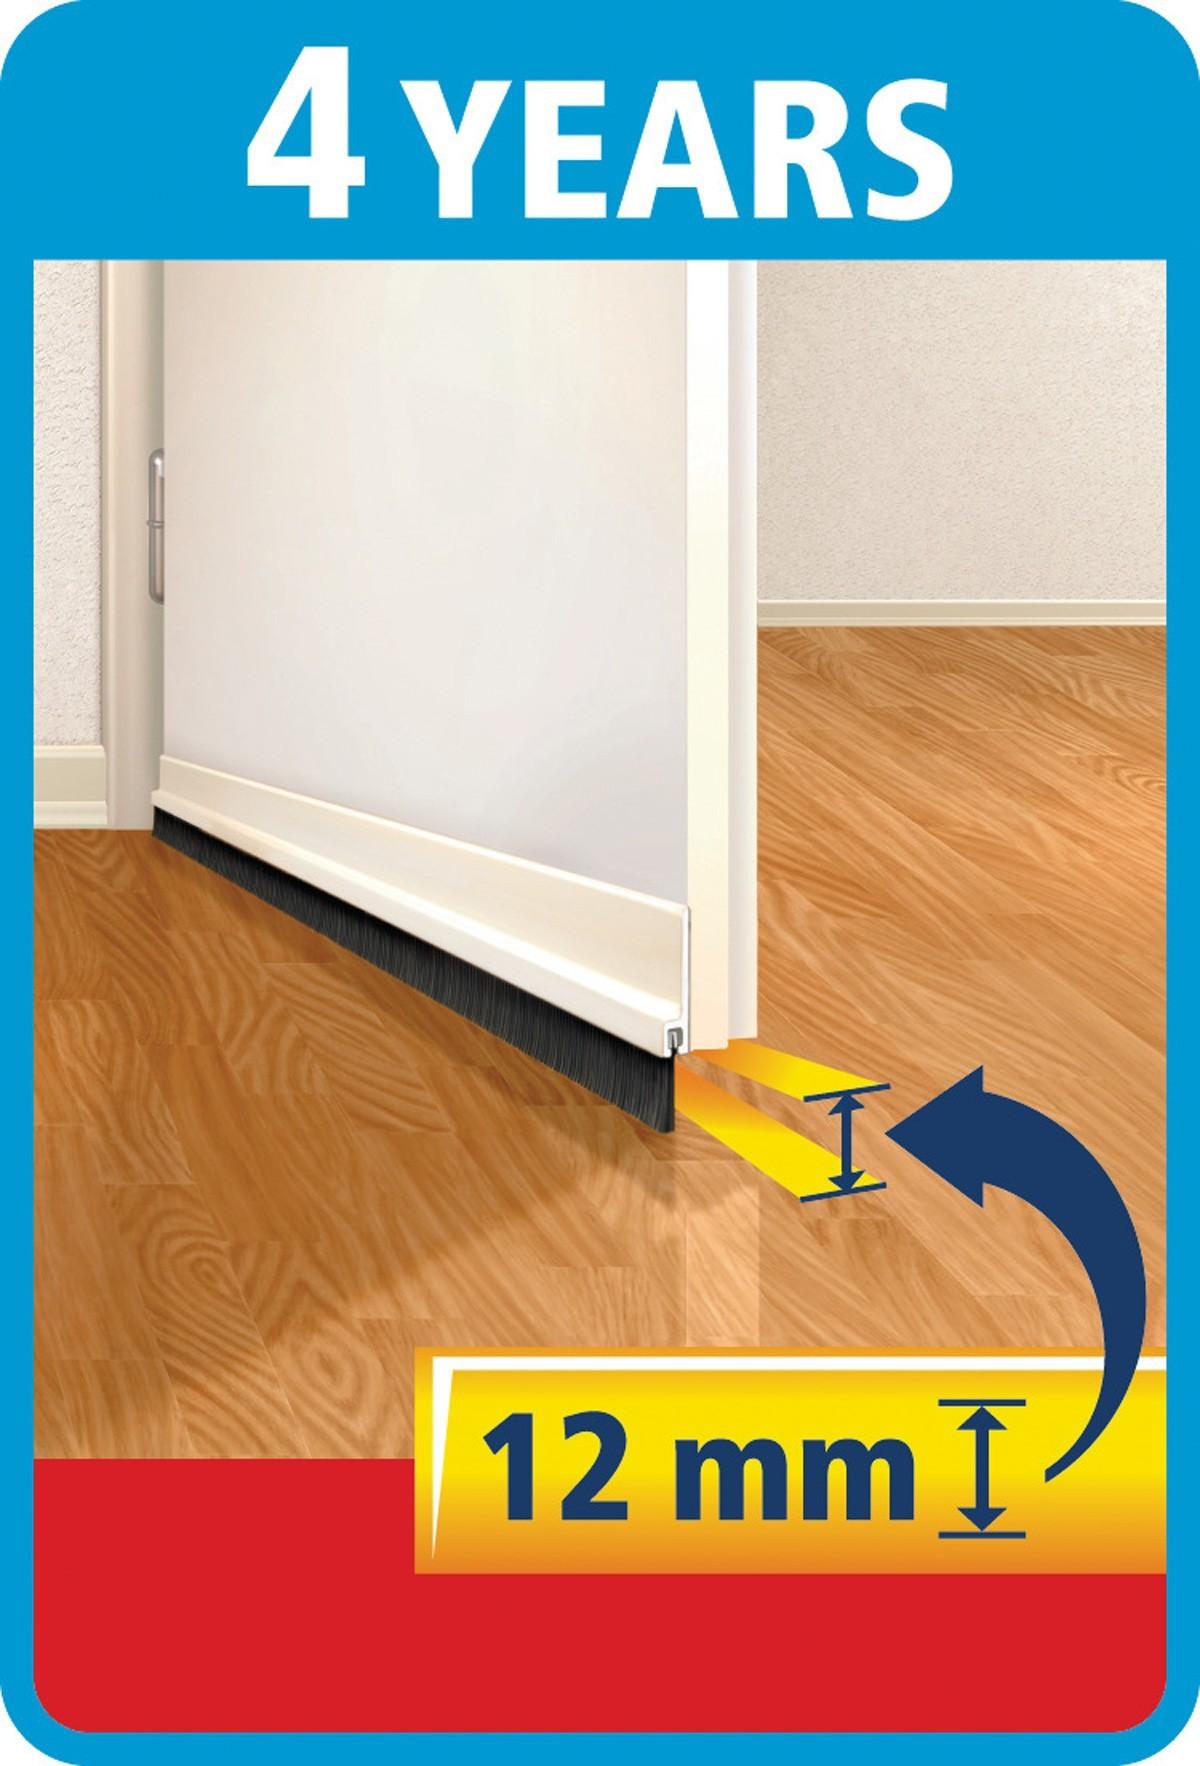 tesamoll® Standard Türdichtschiene für glatte Böden transp. 1m x 37mm Bild 2